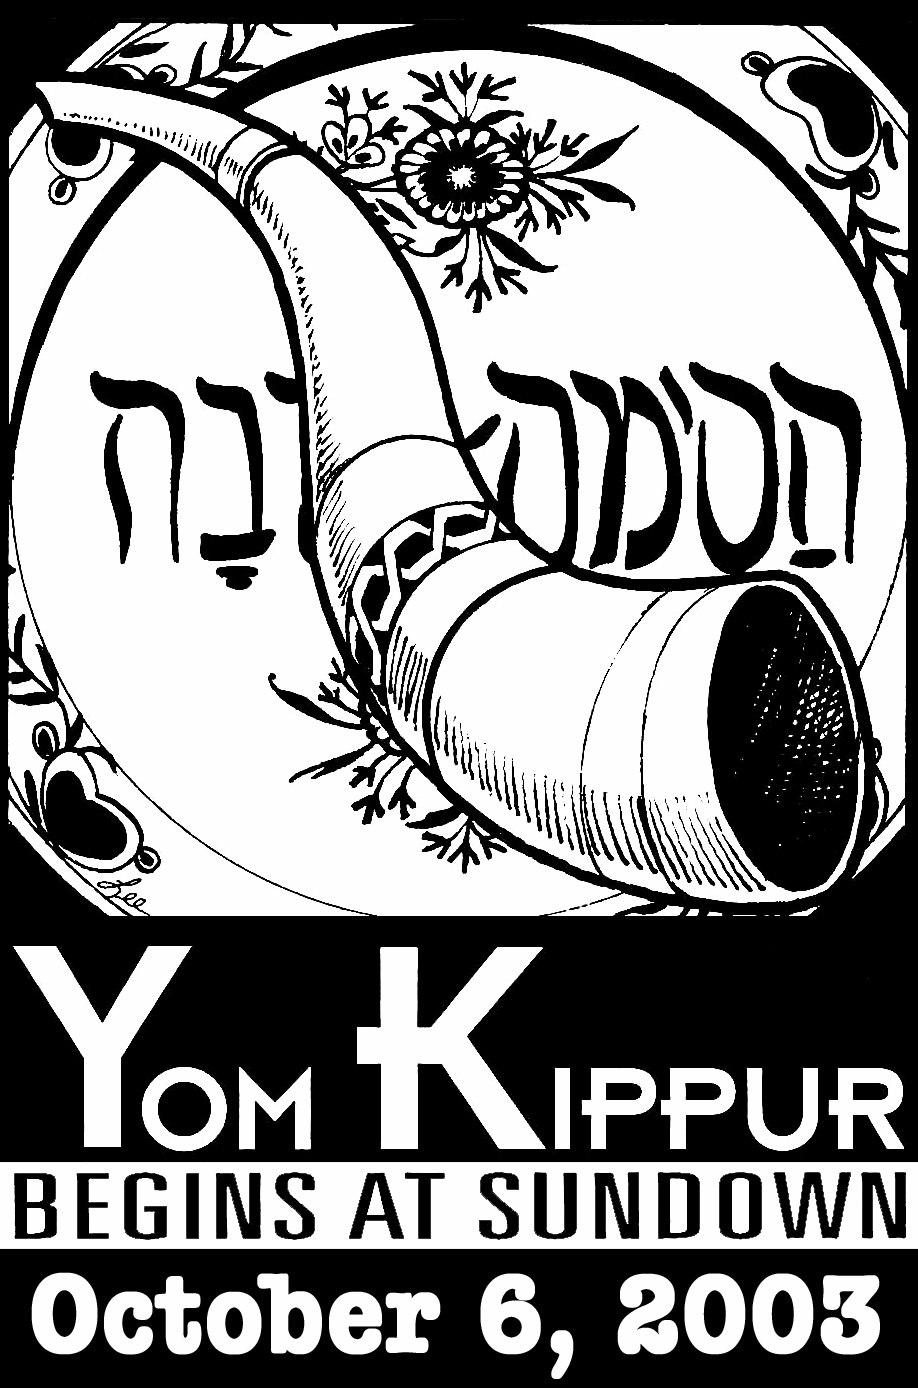 Yom Kippur2003